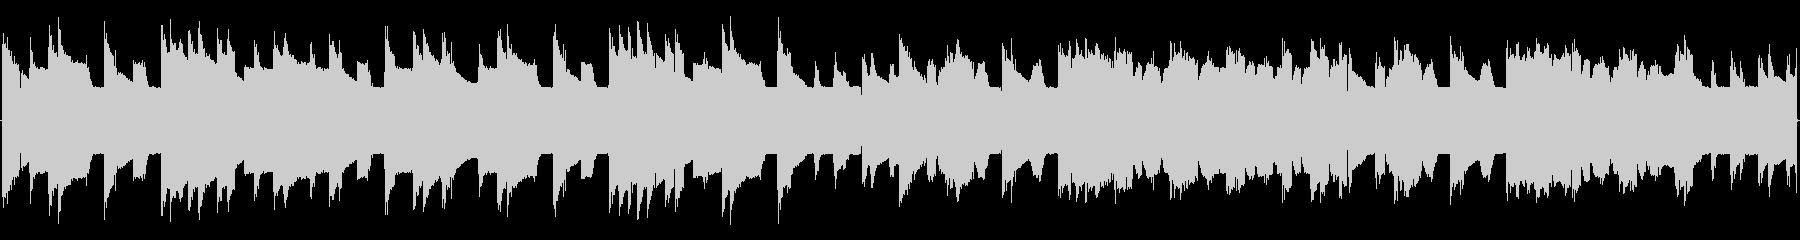 チップチューンの短いジャズループ3の未再生の波形